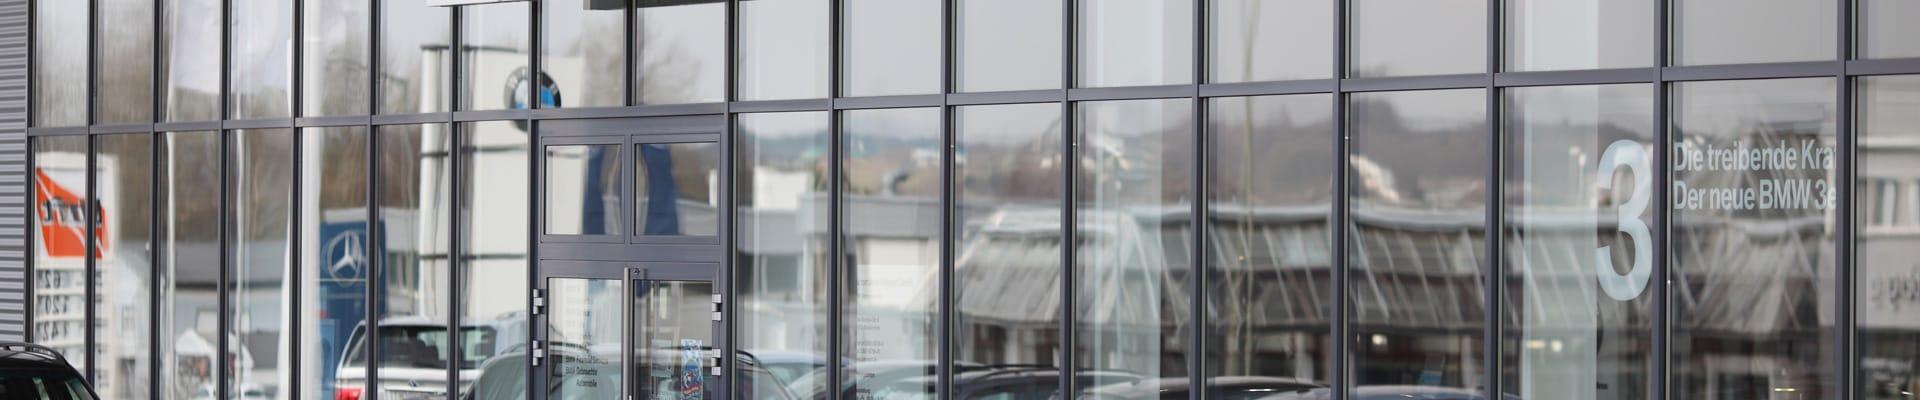 Glas Spiegel Altenkirchen glasspiegel altenkirchen tipps